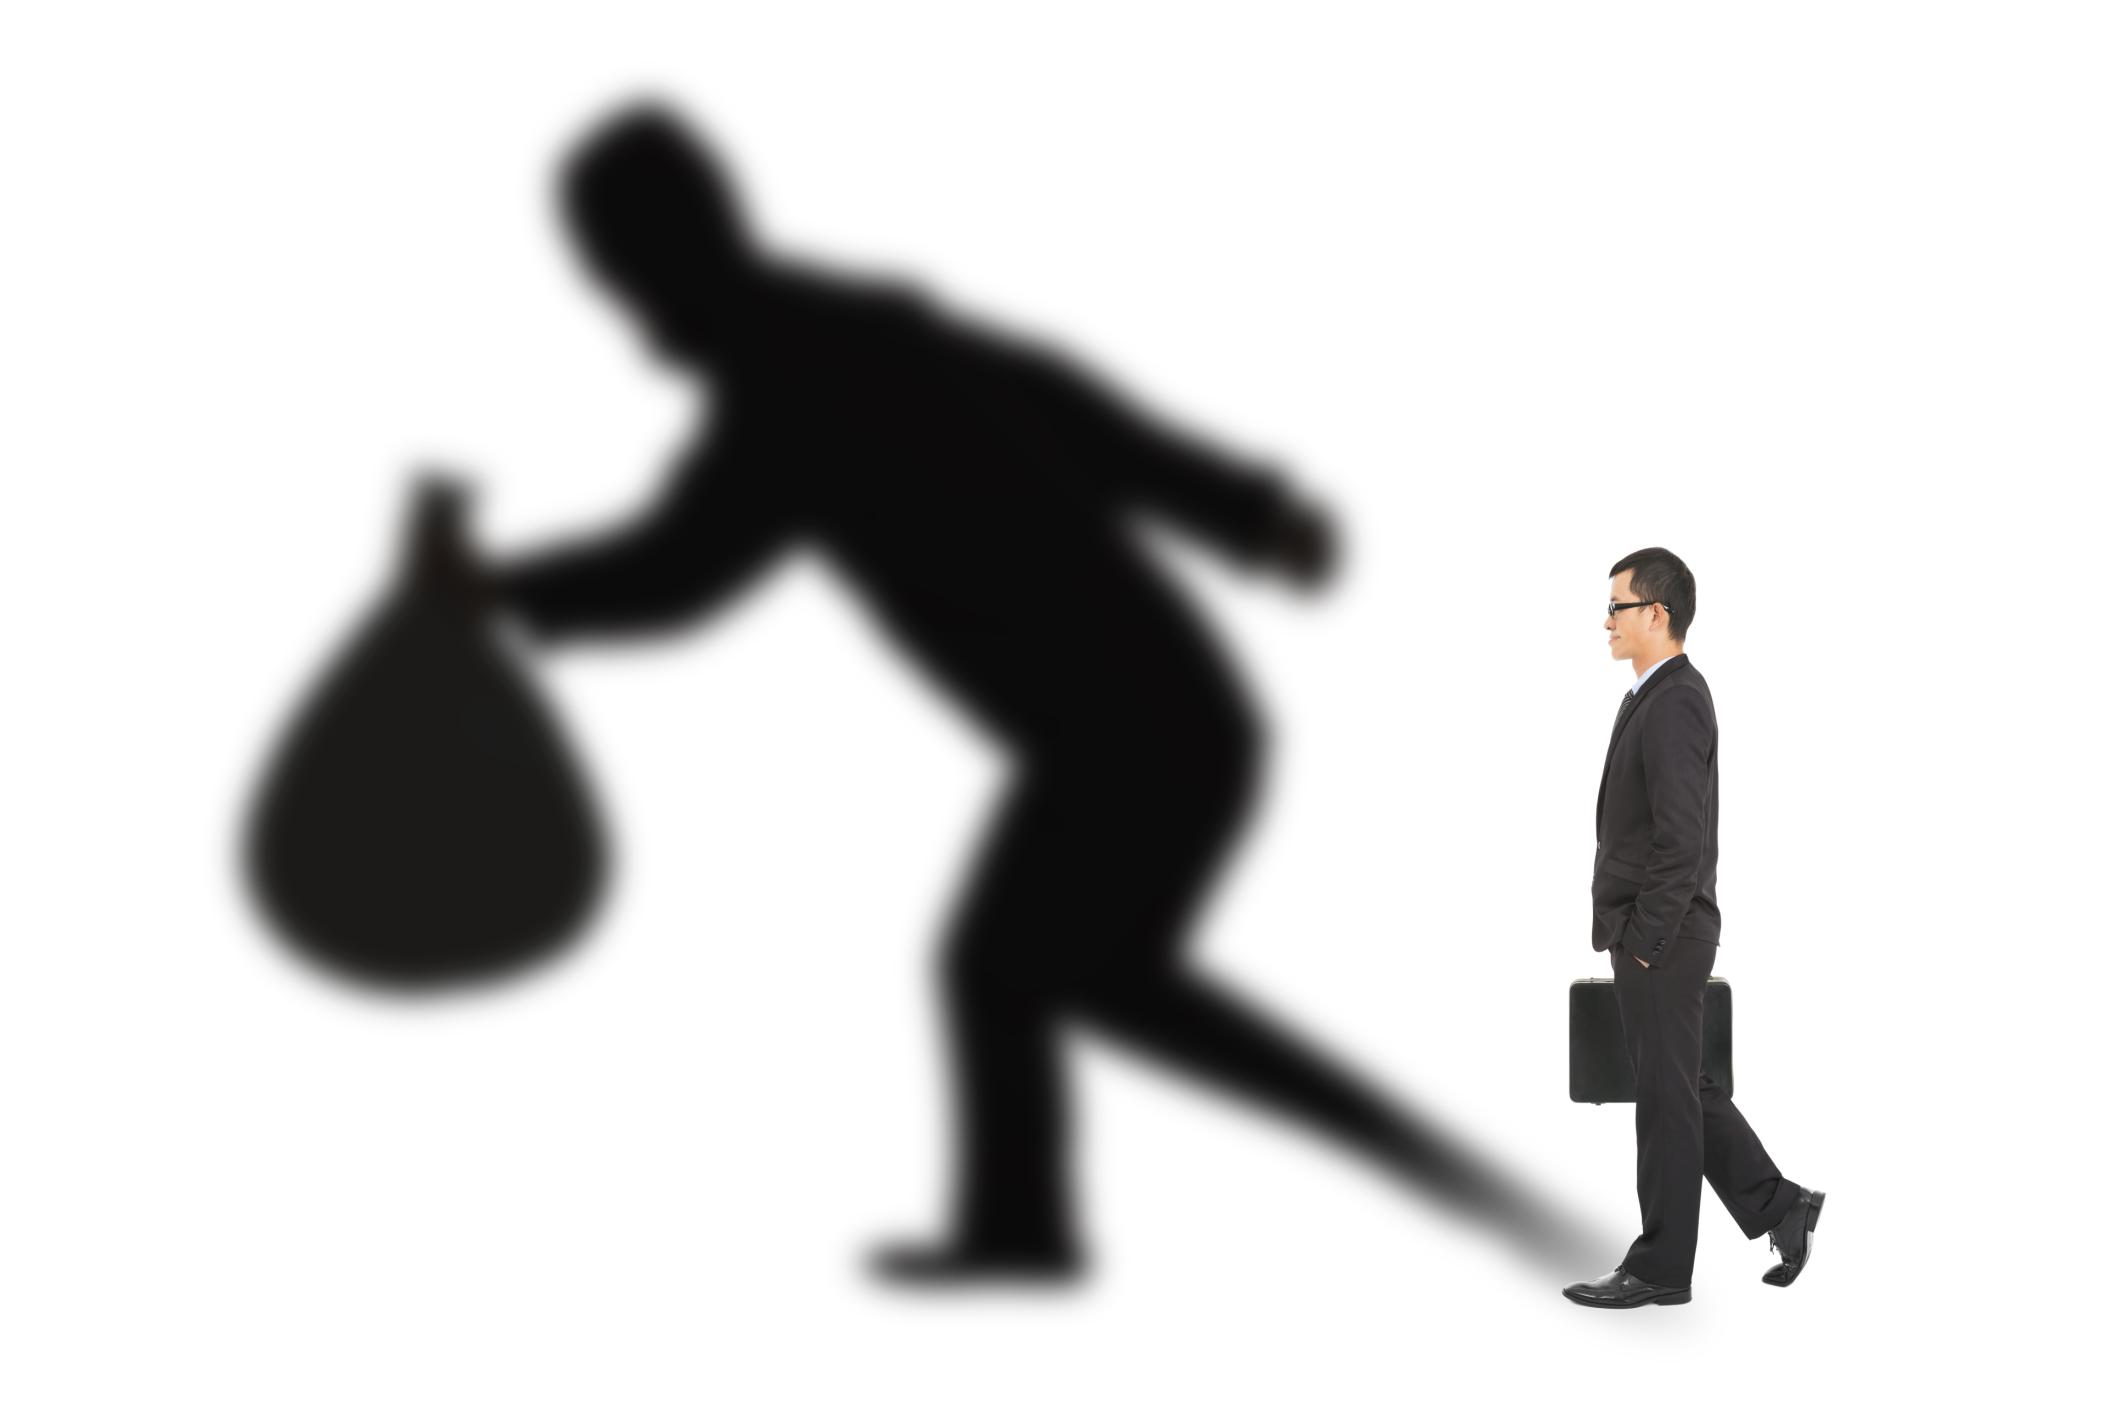 a financial fraudster stealing millions